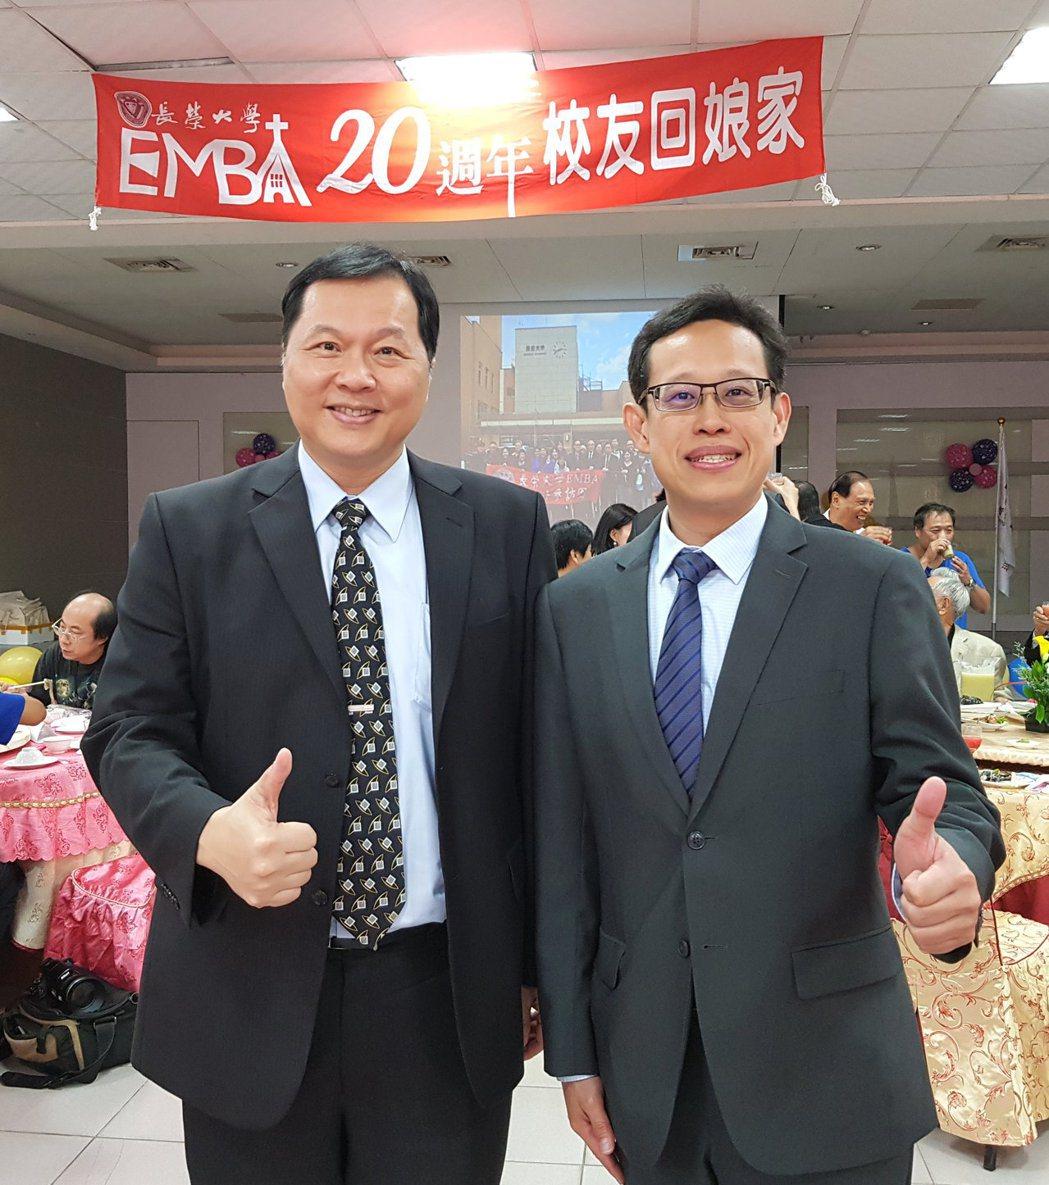 藝群醫美集團總裁王正坤醫師(左)、長榮大學EMBA翁耀臨執行長一同合影....